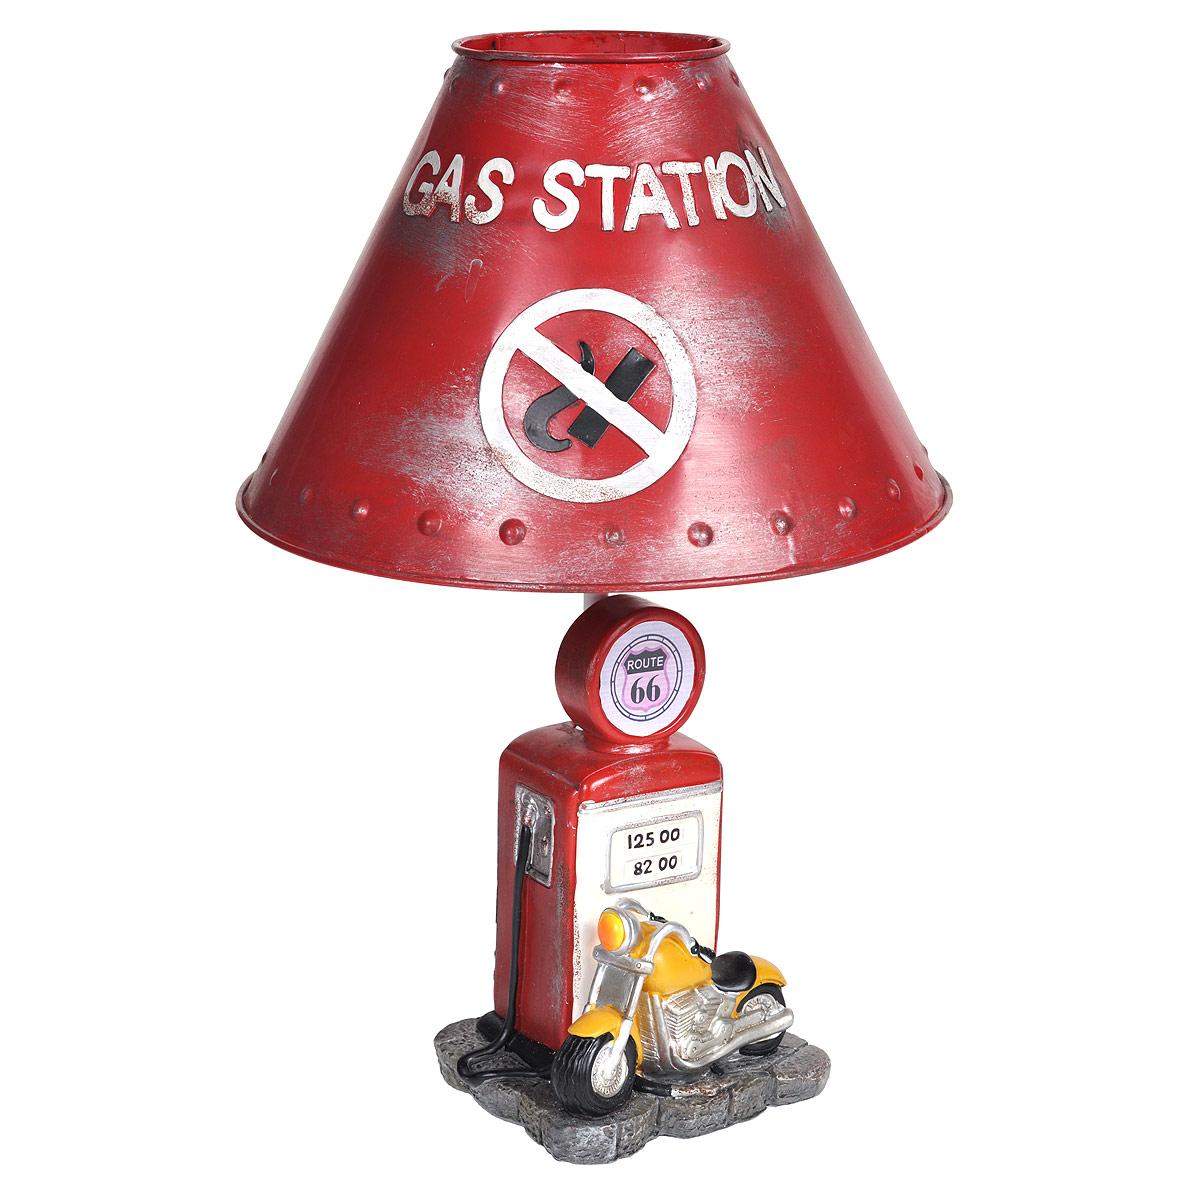 Светильник настольный Заправочная станция. 2934029340Настольный светильник, изготовленный из полирезины, выполнен в виде мотоцикла у заправки и оформлен металлическим абажуром красного цвета. Такой светильник прекрасно подойдет для украшения интерьера и создания атмосферы тепла и уюта. Внутри светильника расположена лампа накаливания. Светильник работает от электросети и включается при помощи кнопки на шнуре. Характеристики: Материал: полистоун, металл, пластик. Высота светильника: 39 см. Диаметр абажура: 26 см. Размер основания светильника: 12,5 см х 11 см. Мощность лампы: 40 Вт. Цоколь: Е27. Напряжение: 220 В, частота 50 Гц. Длина шнура: 150 см.